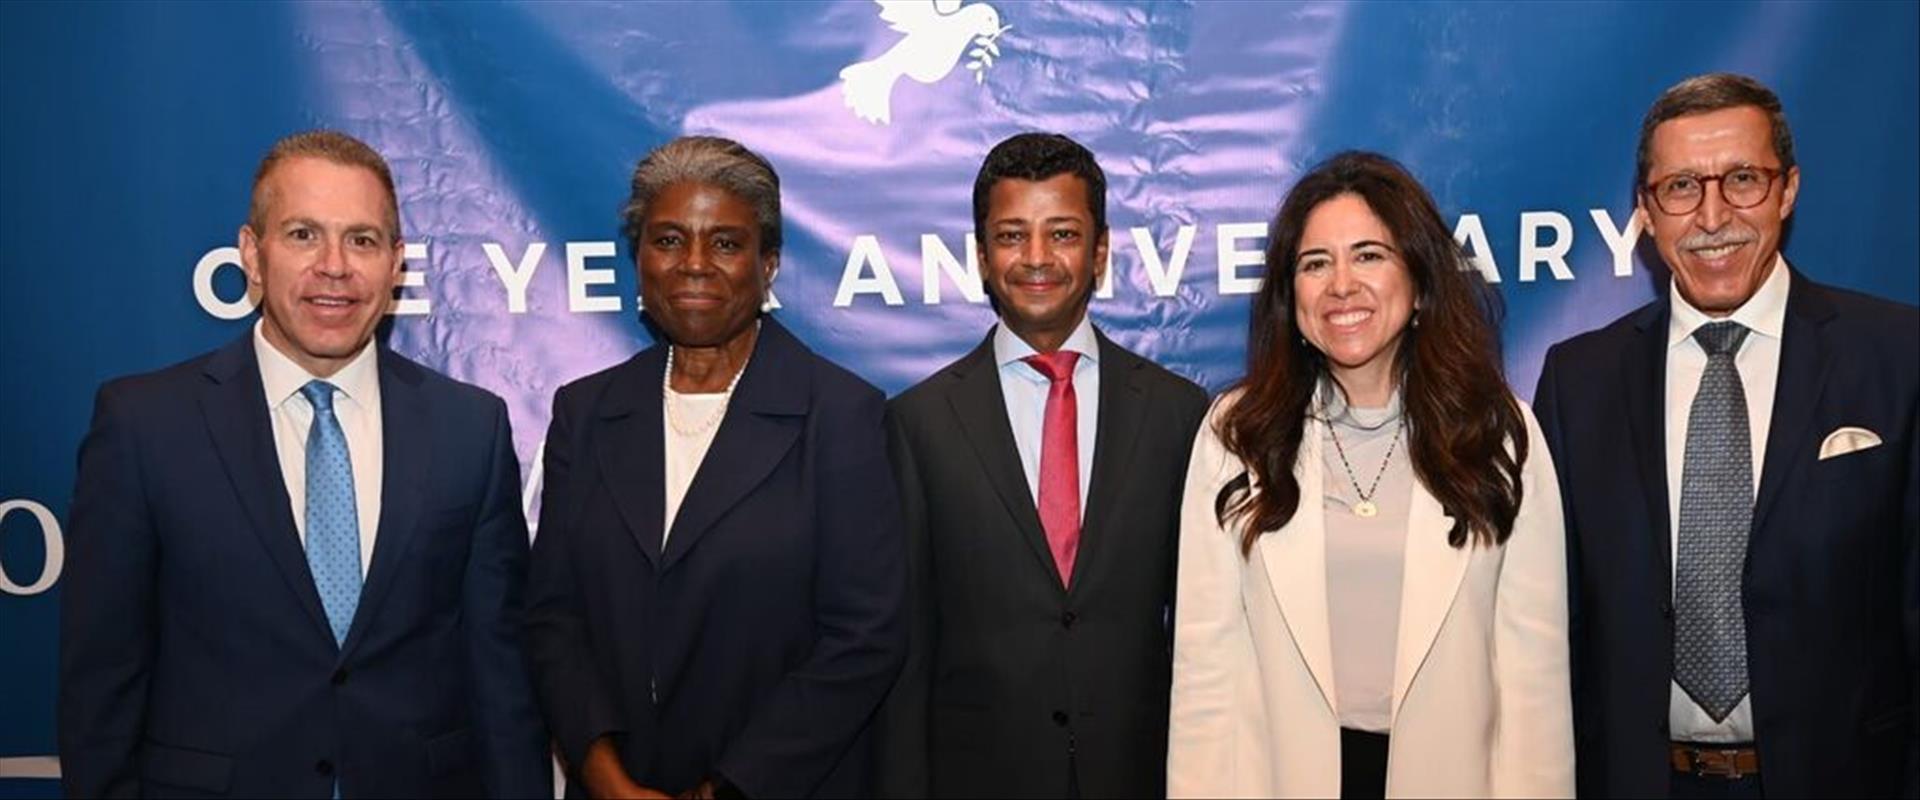 السفير اردان مع سفيري البحرين والامارات